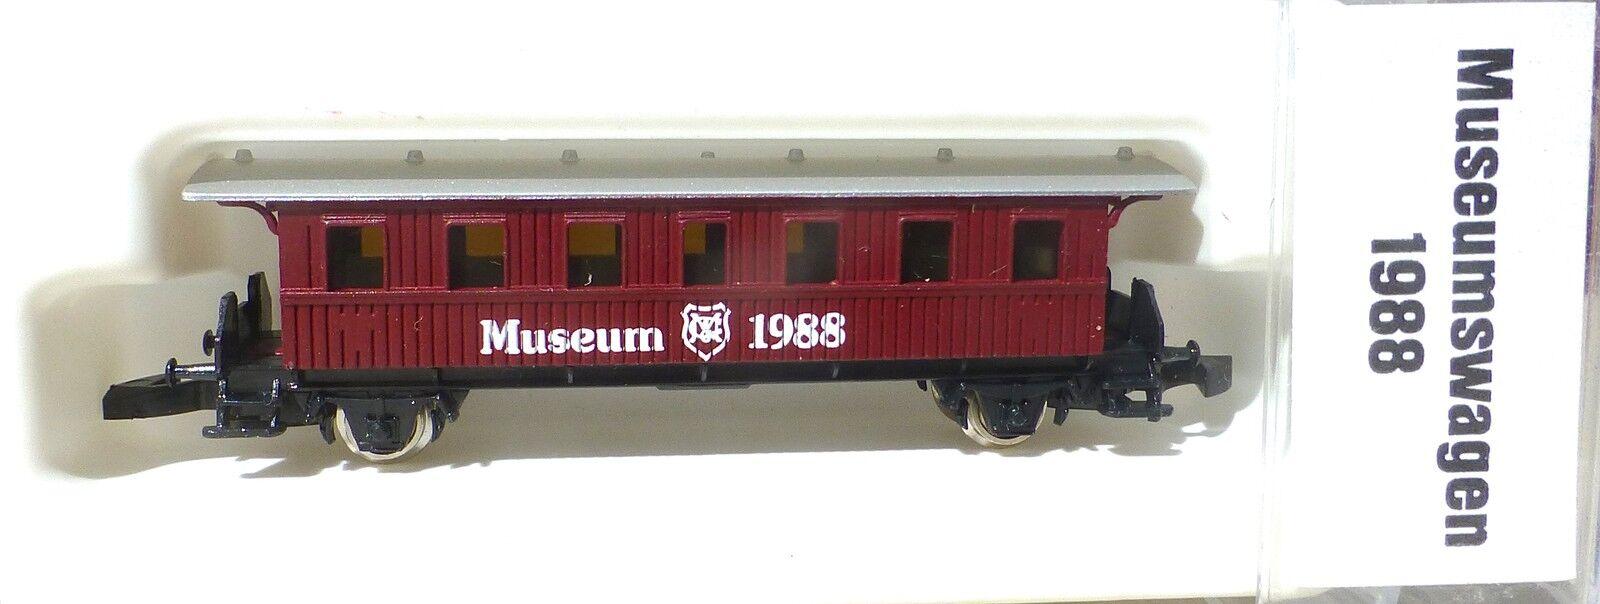 1988 Personenwagen Museumswagen Museum Museum Museum Märklin Spur Z 1 220 å 463ca2